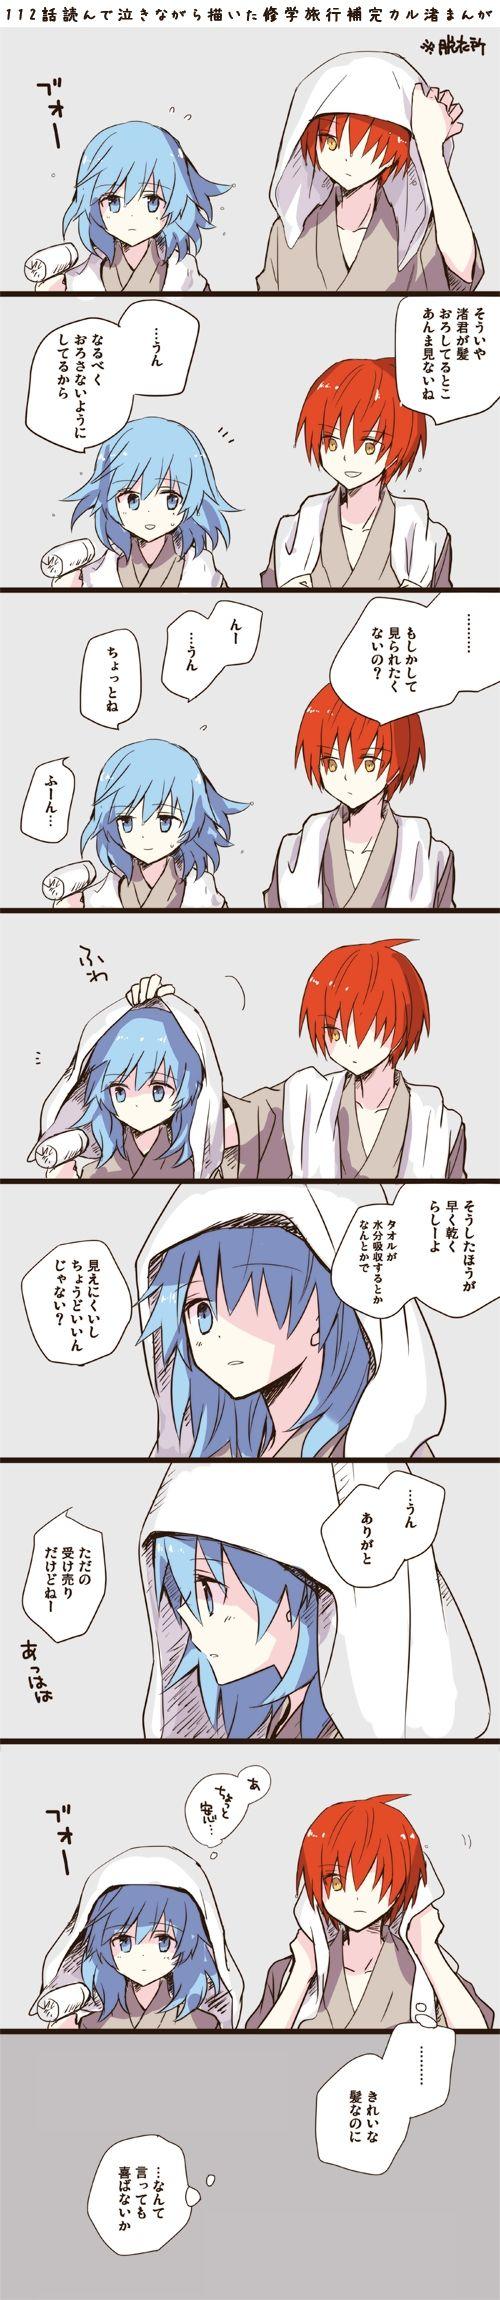 Là Nagisa on dirait grave une fille en plus elle est mignone vraiment dommage que ça soit un mec